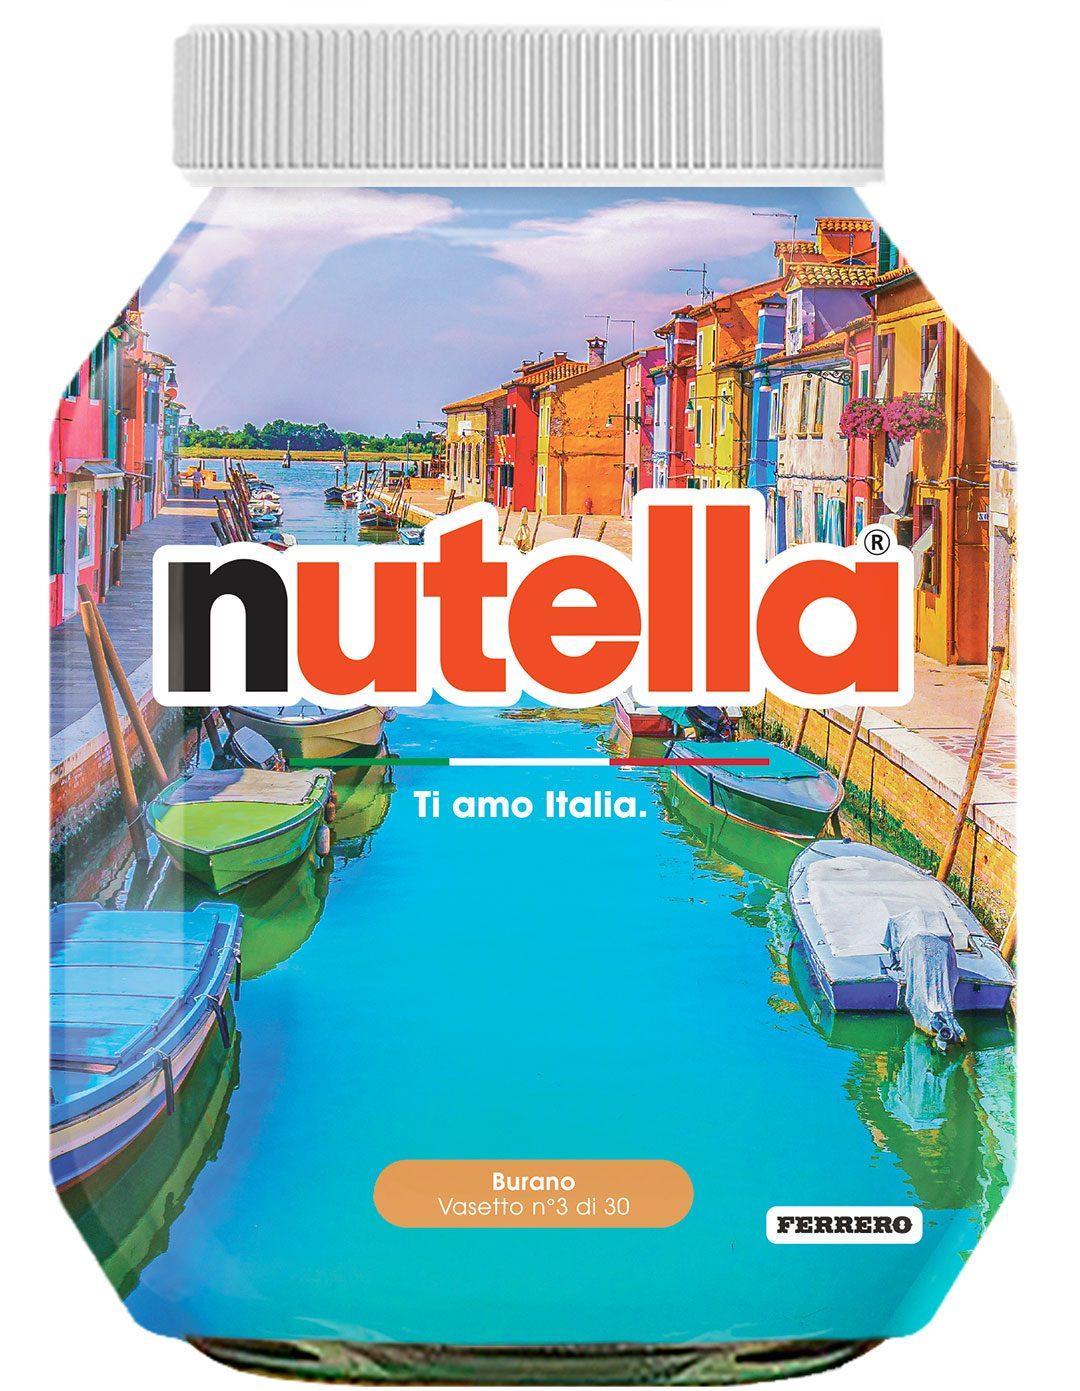 """""""Ti amo Italia"""": 30 panorami sui barattoli Nutella per promuovere i viaggi (con le nostre dritte)"""